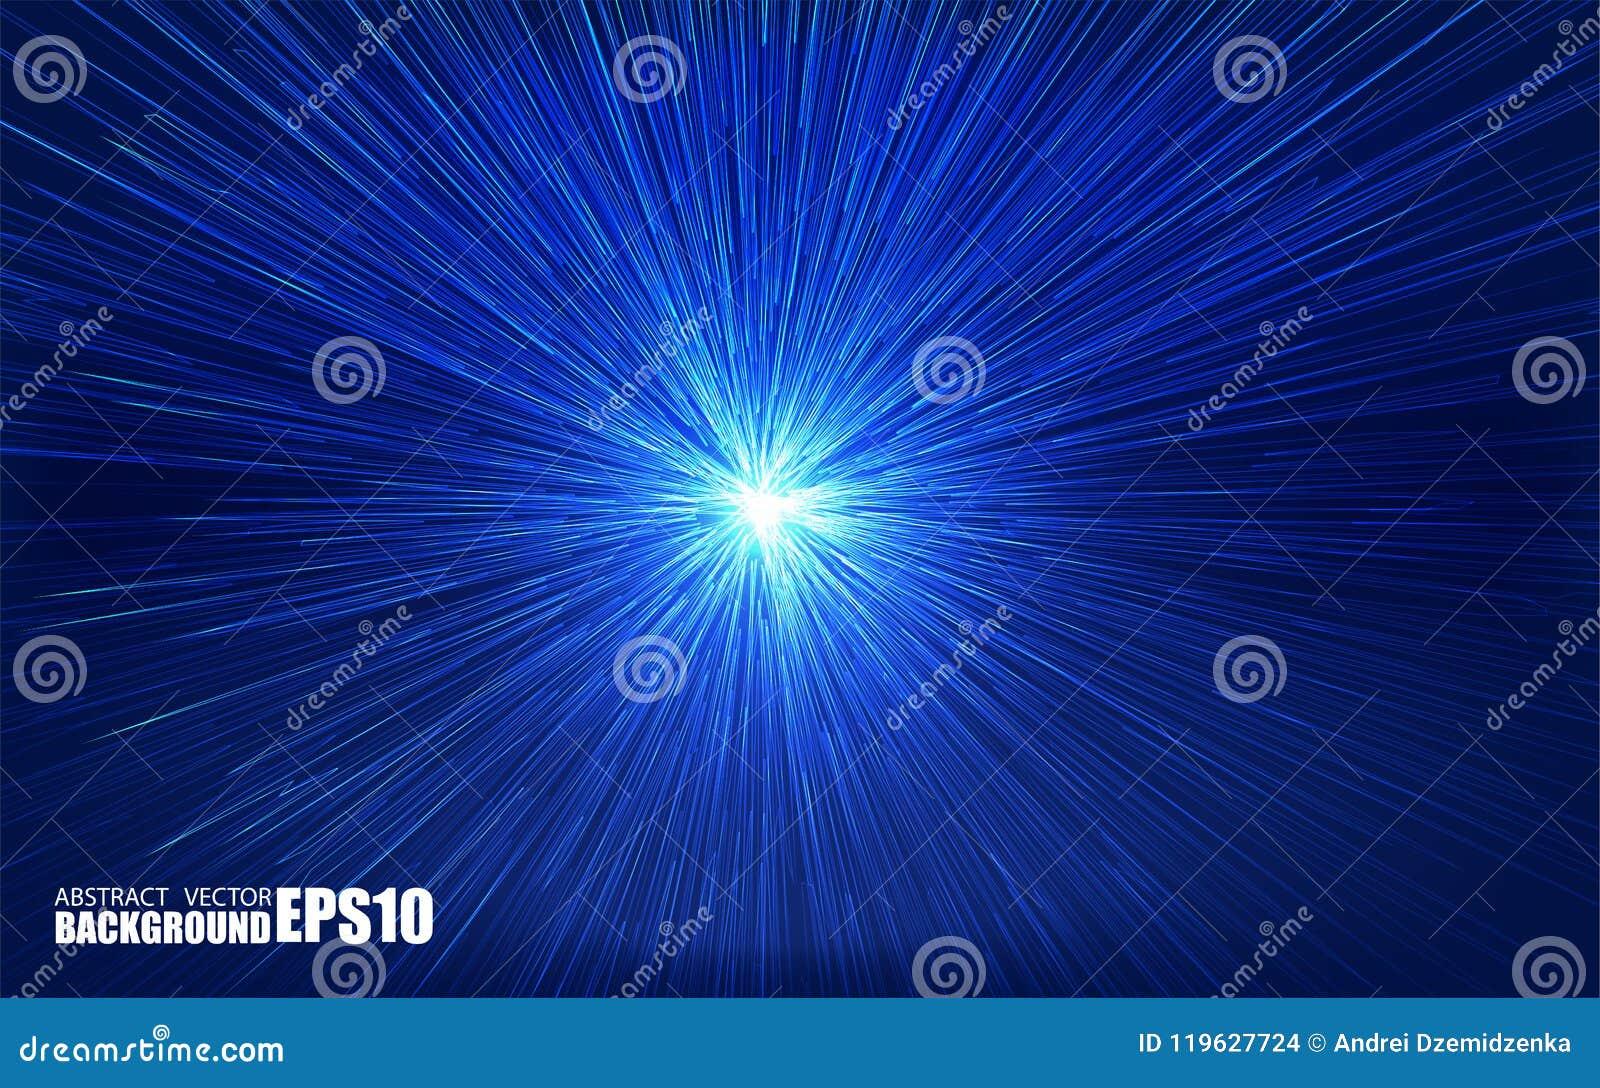 Glanzende radiale uitbarsting met lineaire deeltjes Vectorabsrtactillustratie Blauwe achtergrond met explosie Glanzende lichte st